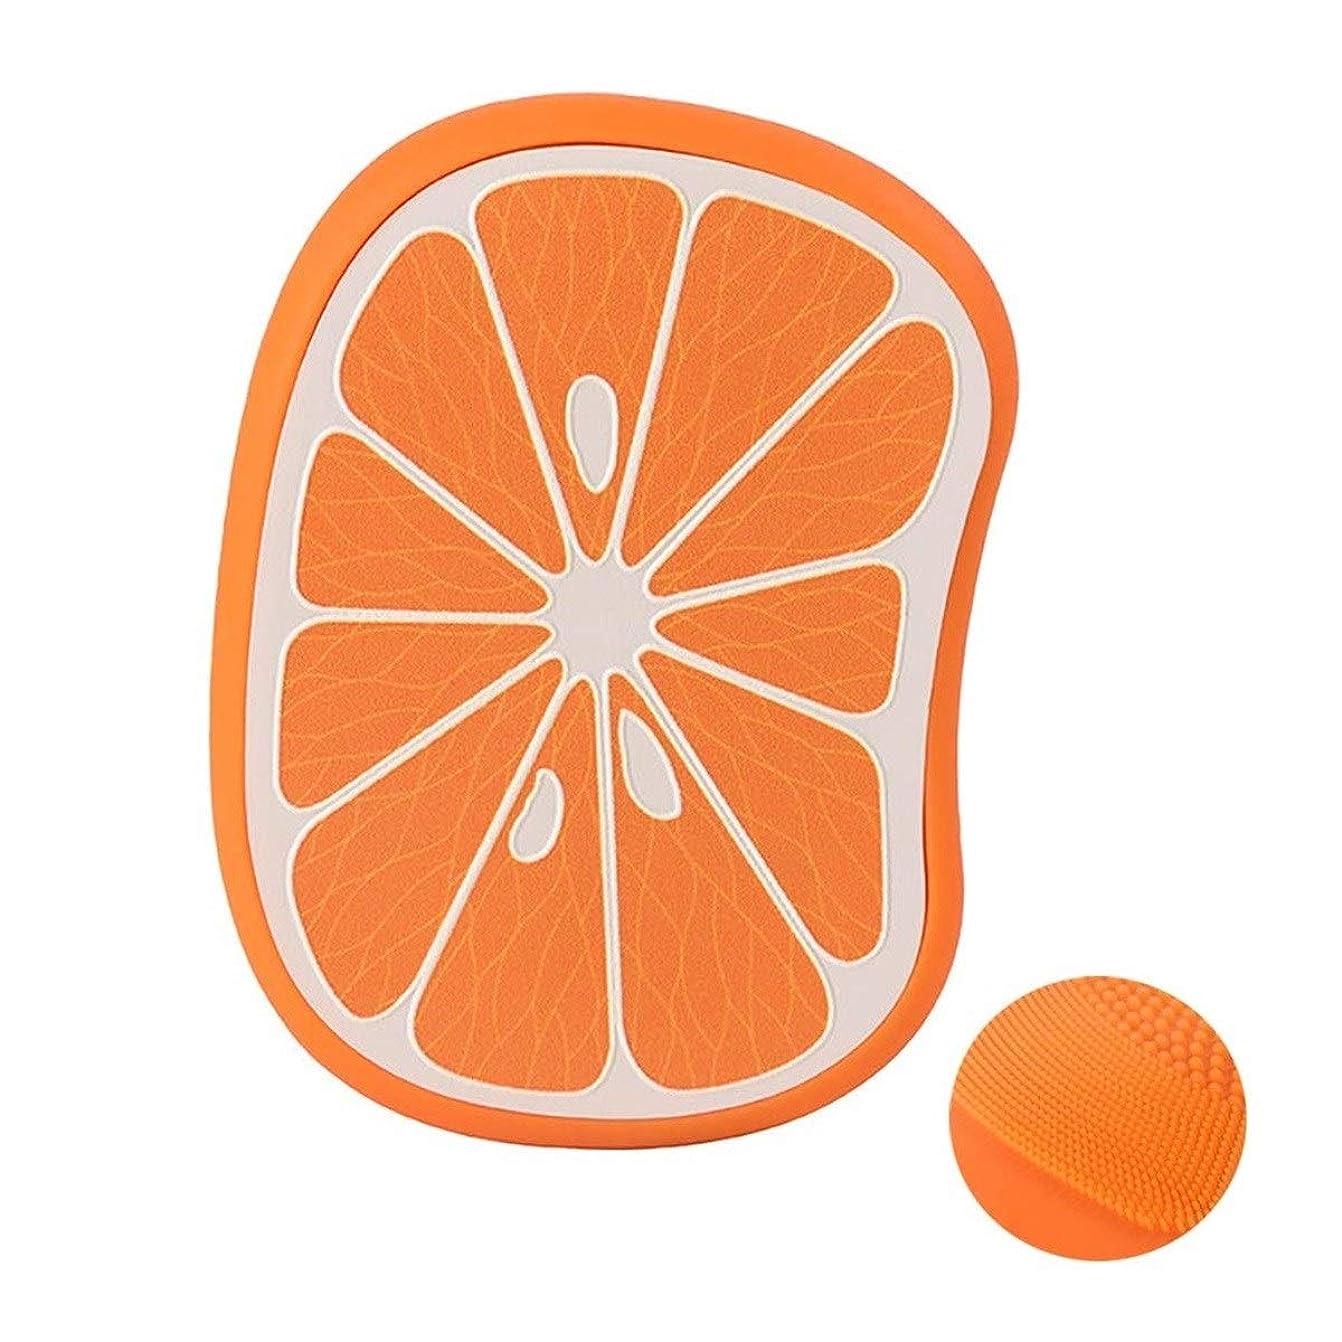 データベース静けさきしむ化粧用品 クレンジングブラシ美容機器ミニコンパクトフルーツシリコーンクレンジング器超音波毛穴クリーナー洗浄器 (Color : Orange)